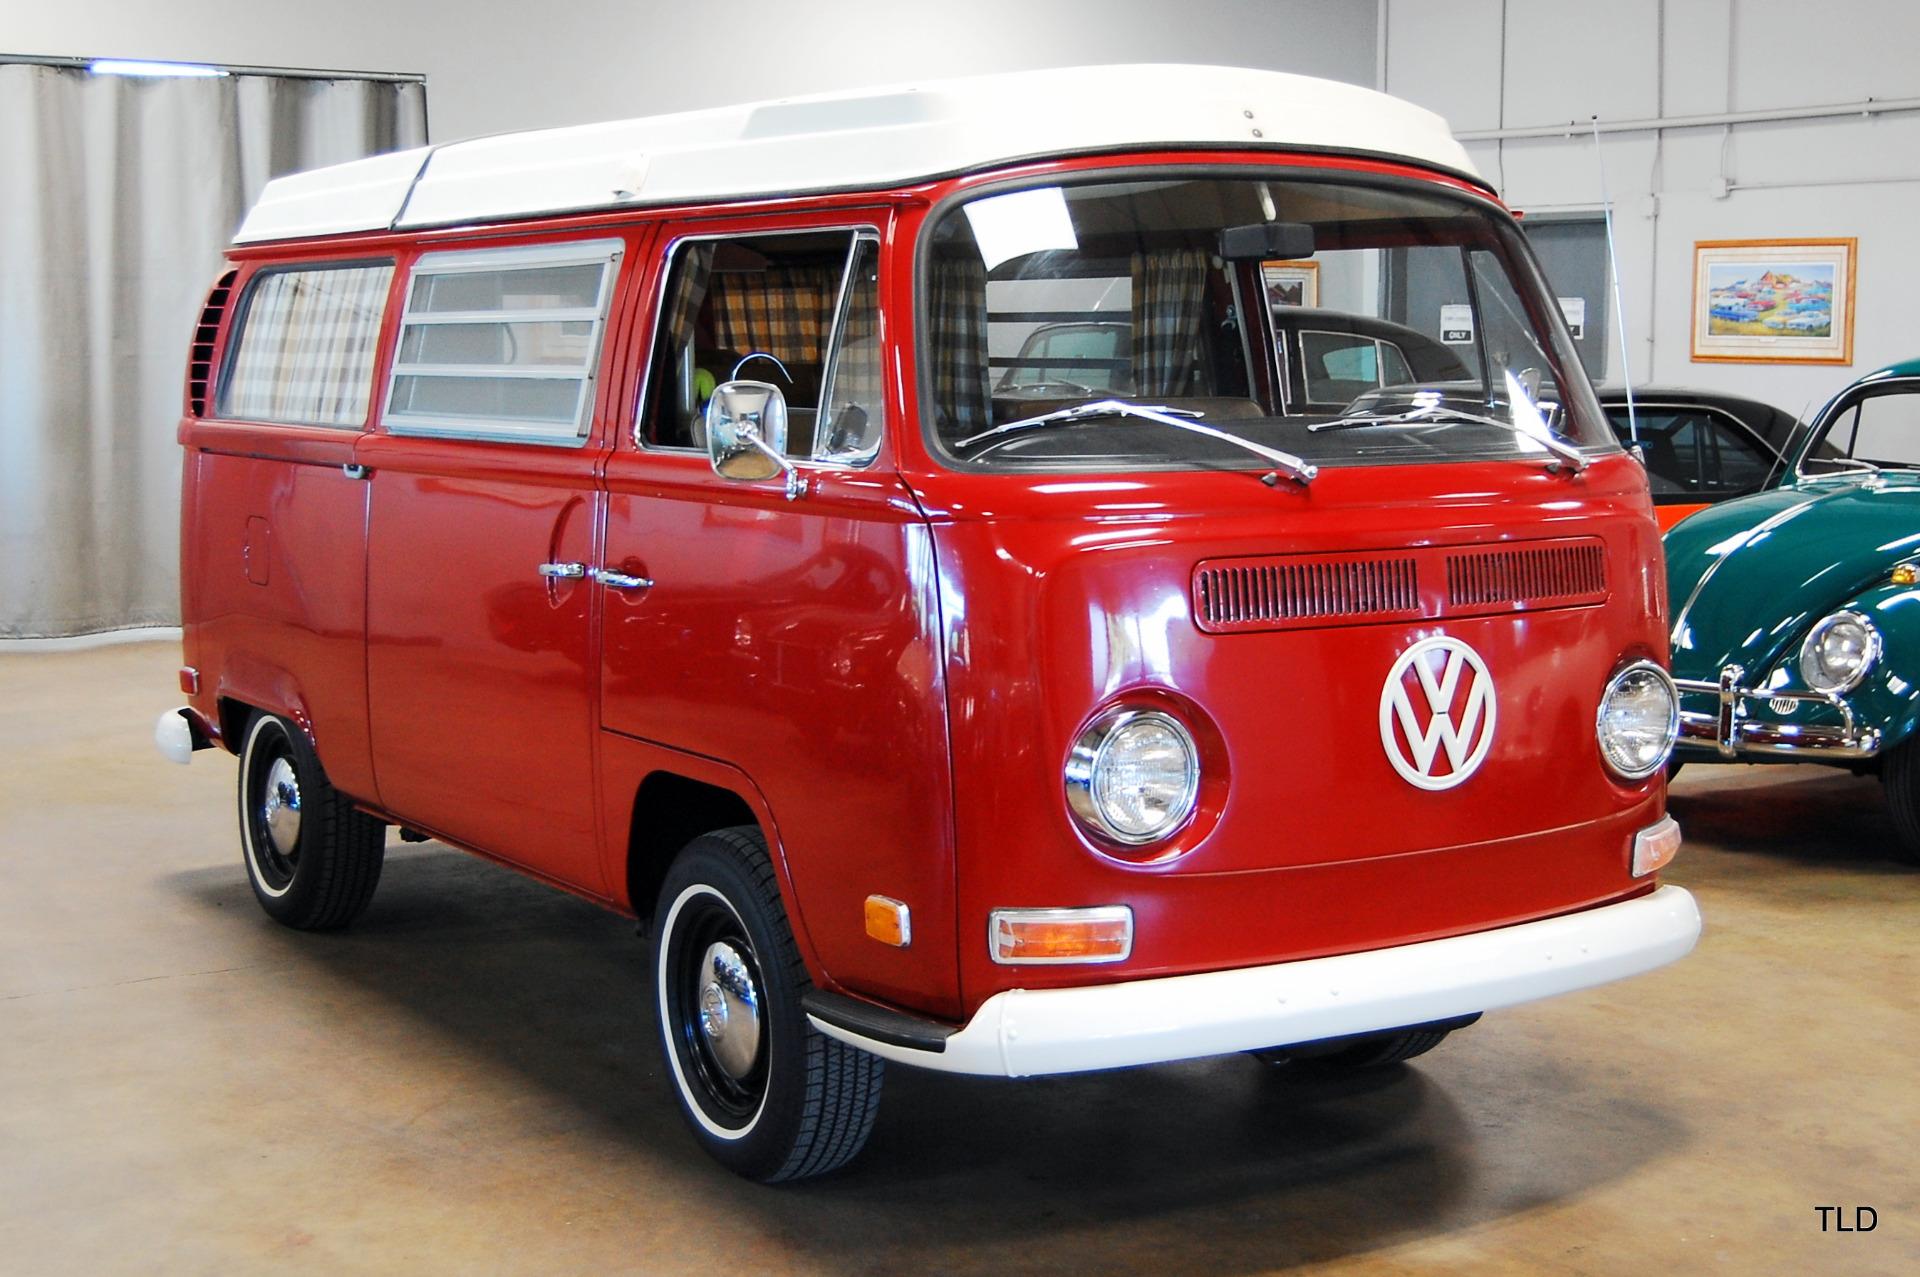 1971 volkswagen westfalia campmobile. Black Bedroom Furniture Sets. Home Design Ideas